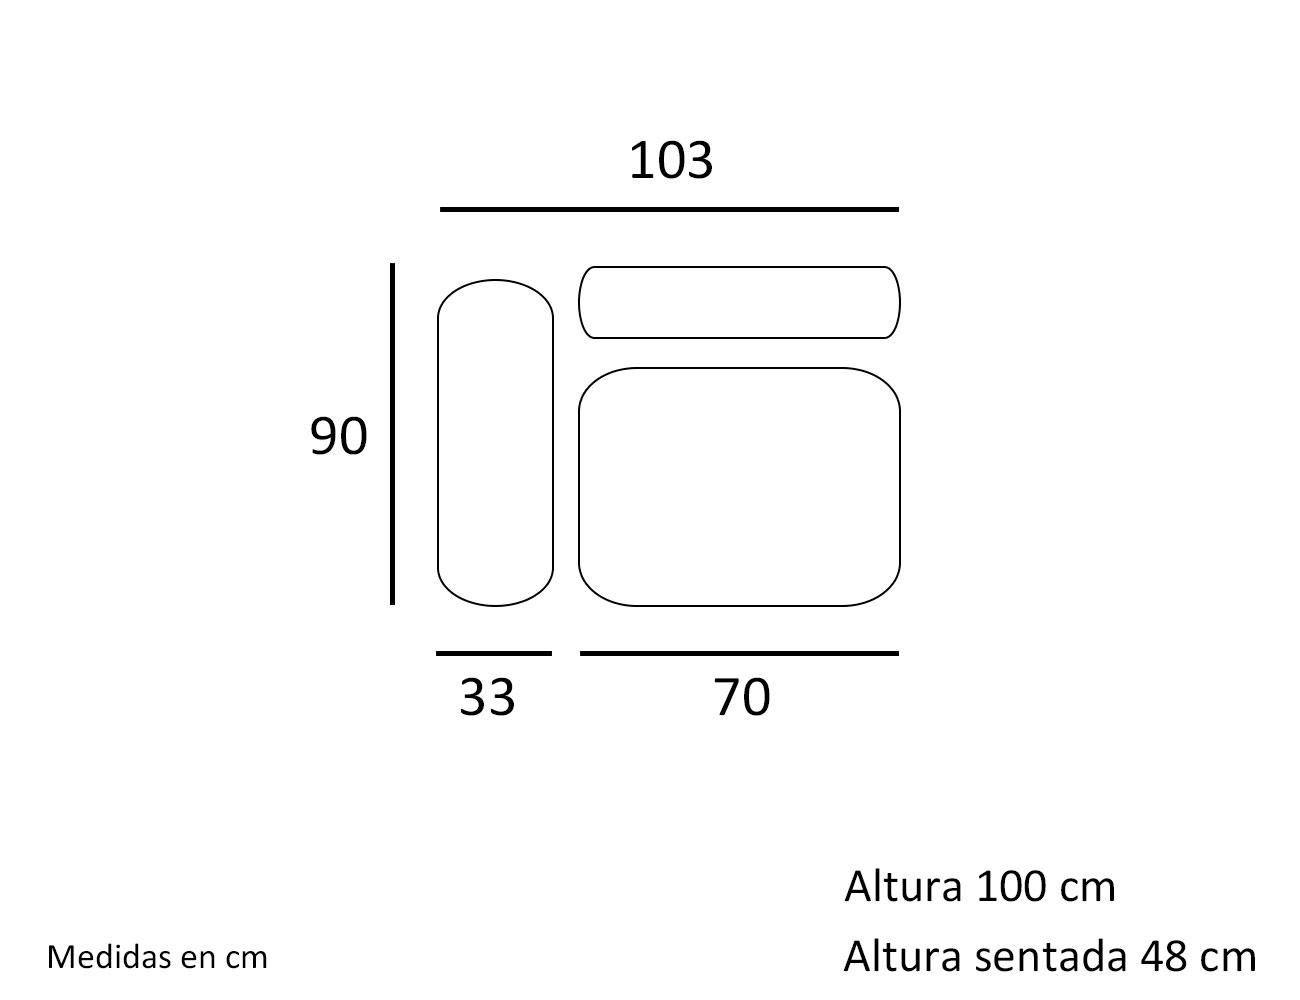 Croquis modulo 1 plaza con 1 brazo 1033